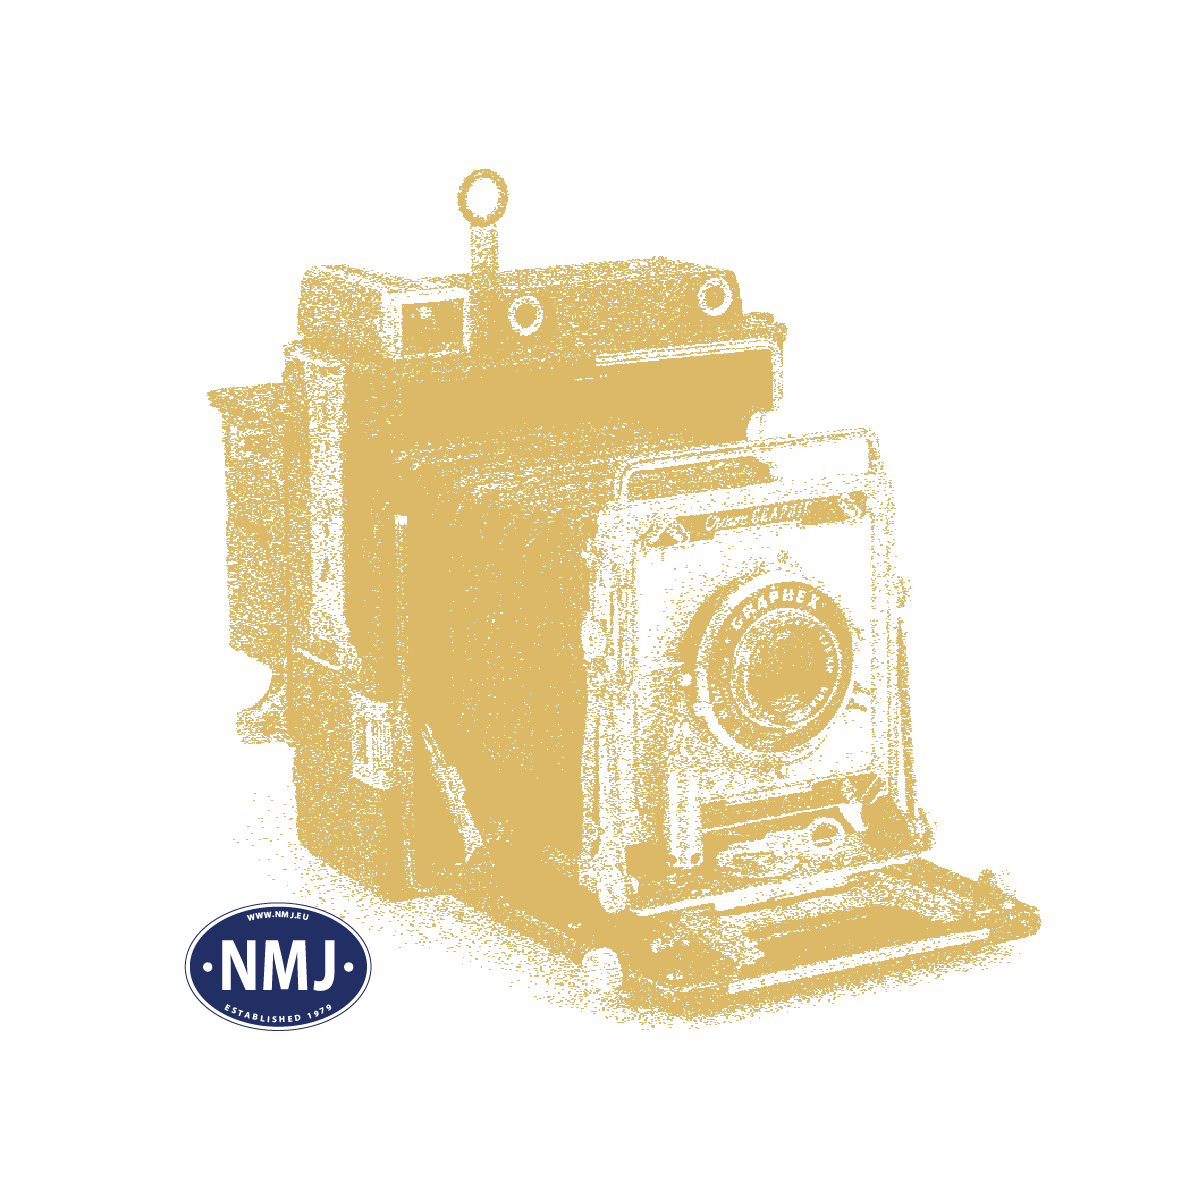 NMJT90021 - NMJ Topline OBAS Di3.632, DC